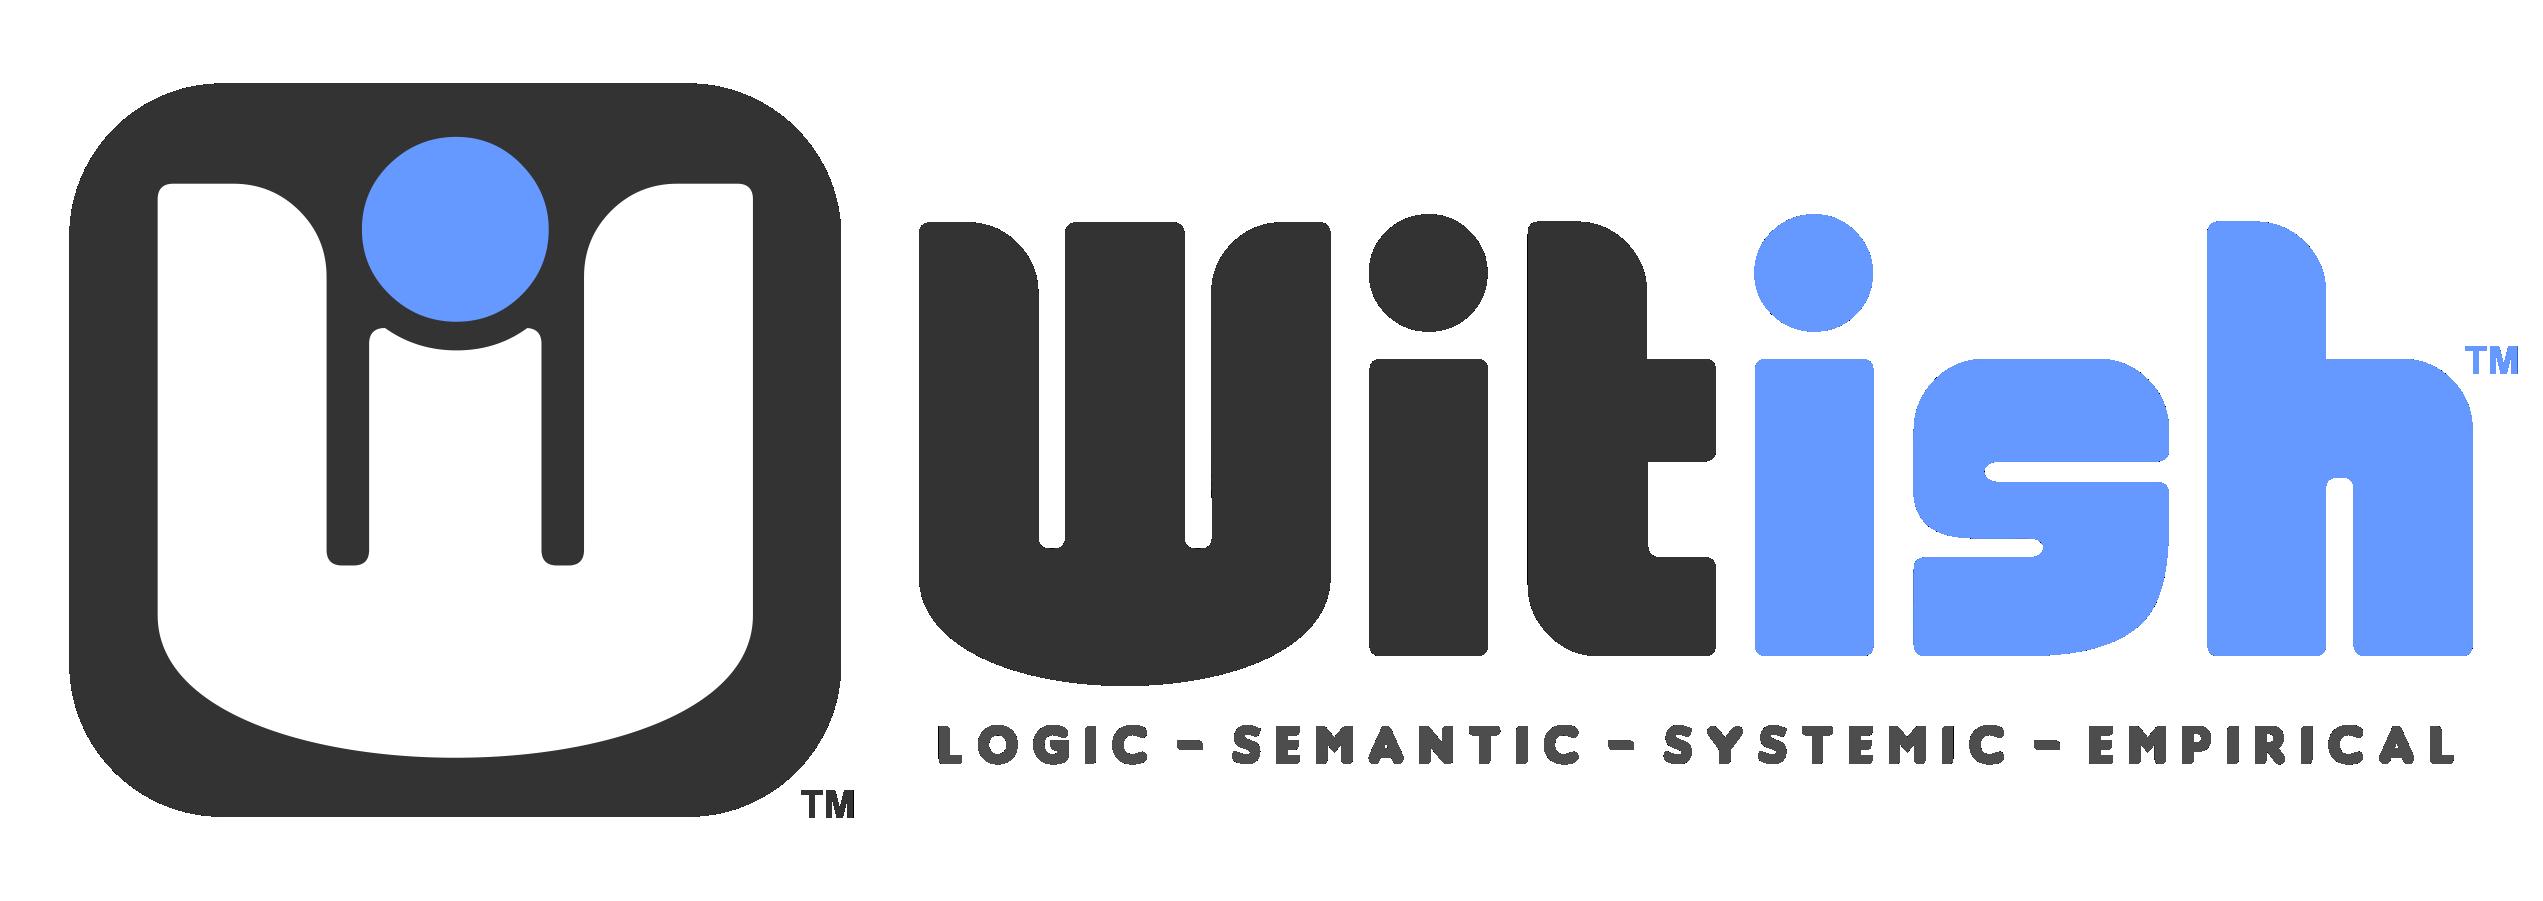 witish logo-img